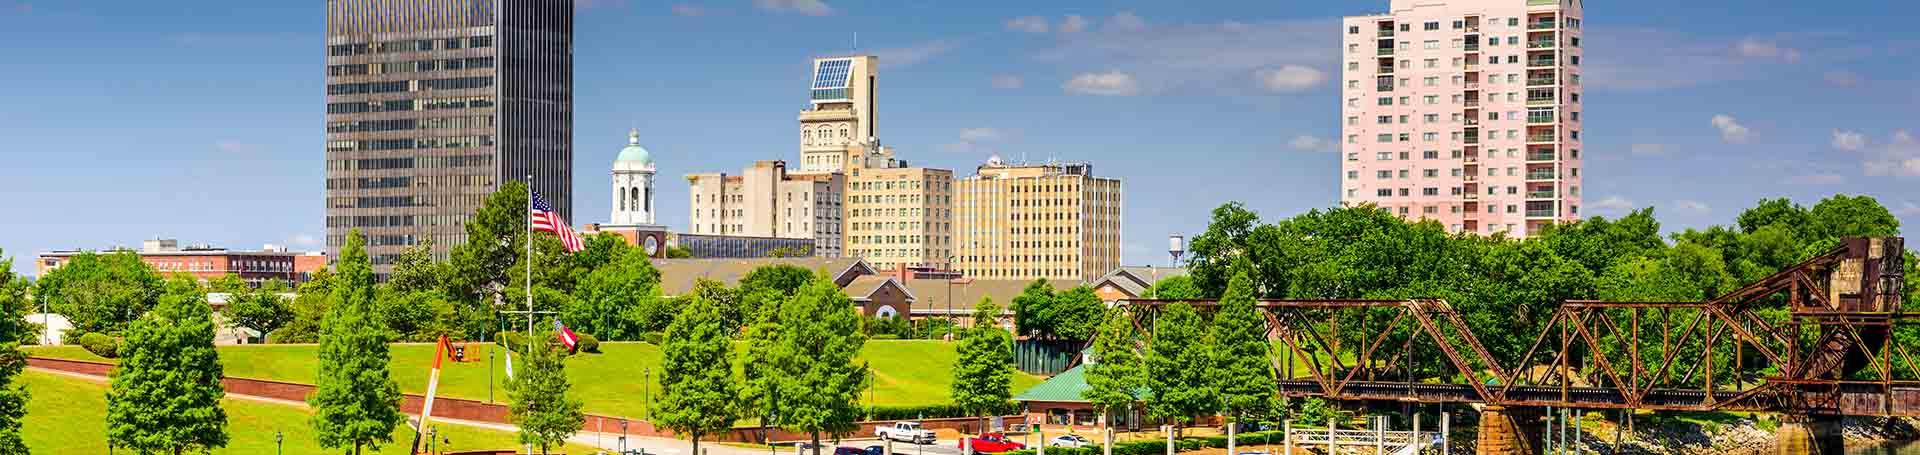 Atlanta Decatur